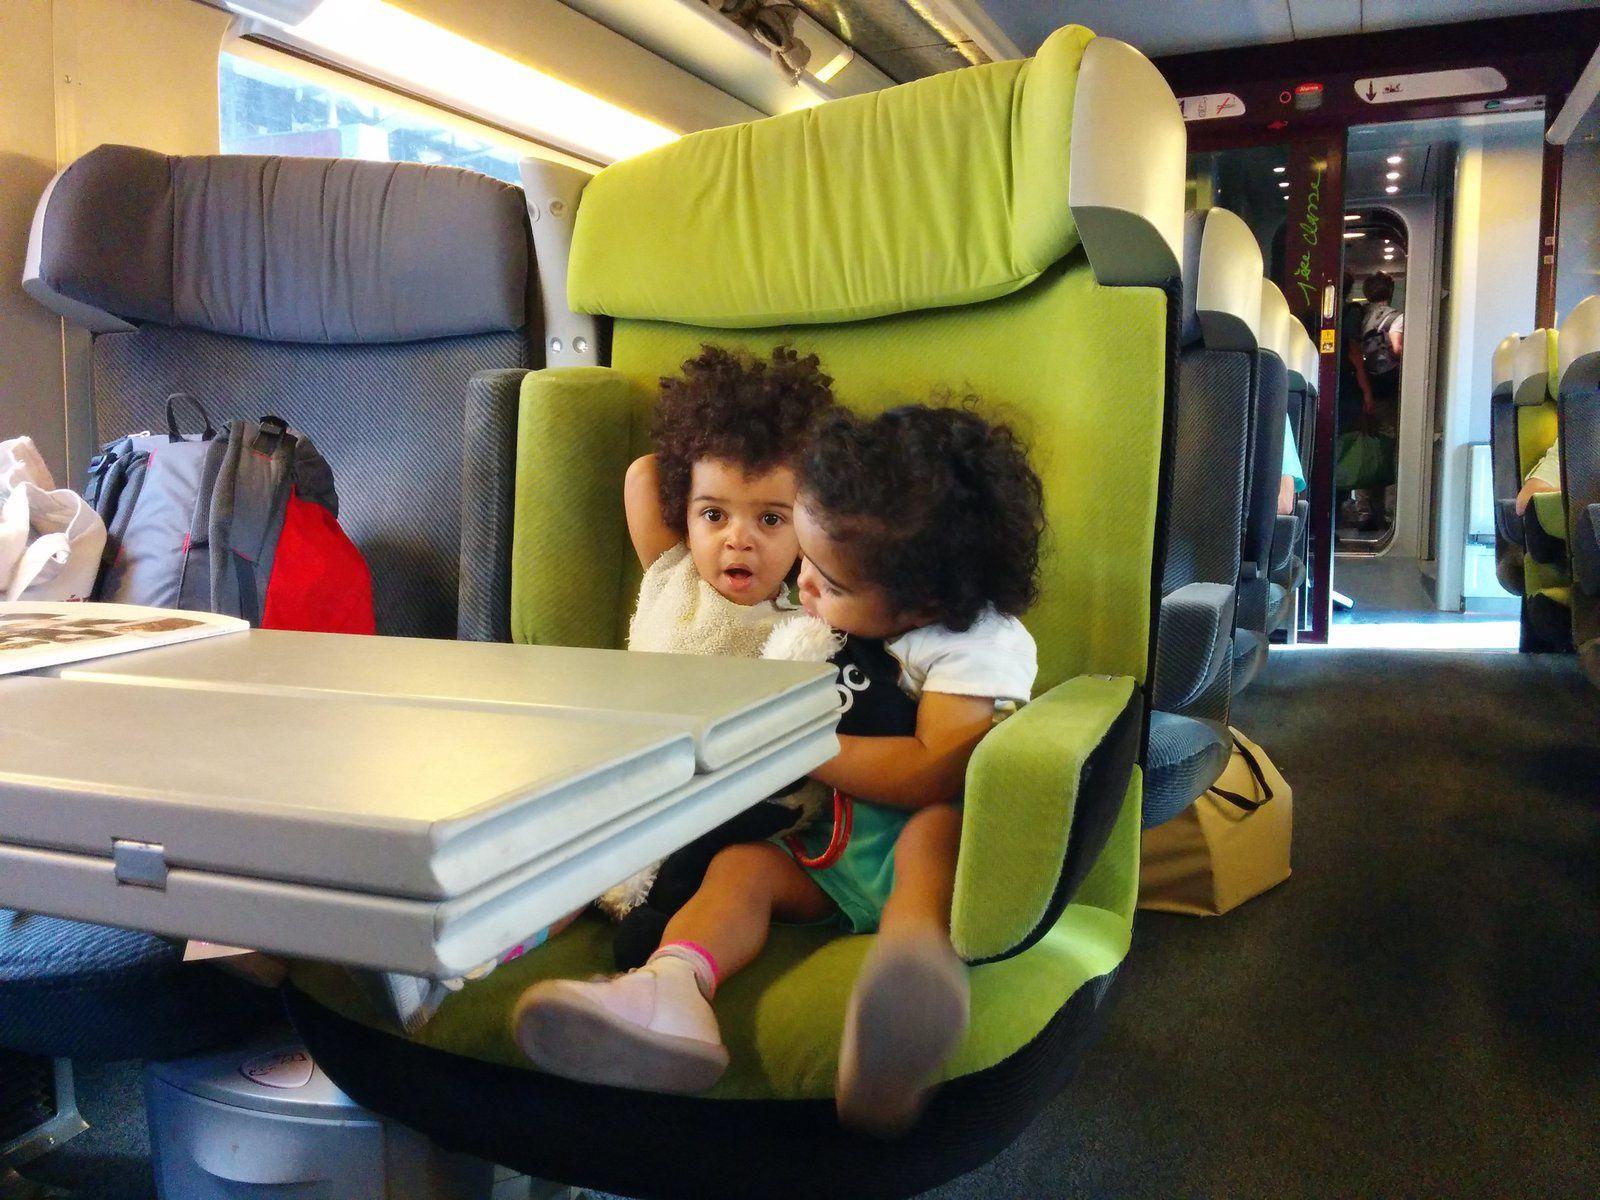 Voyage 93 - 67 en Août 2015 : Une maman et des jumeaux